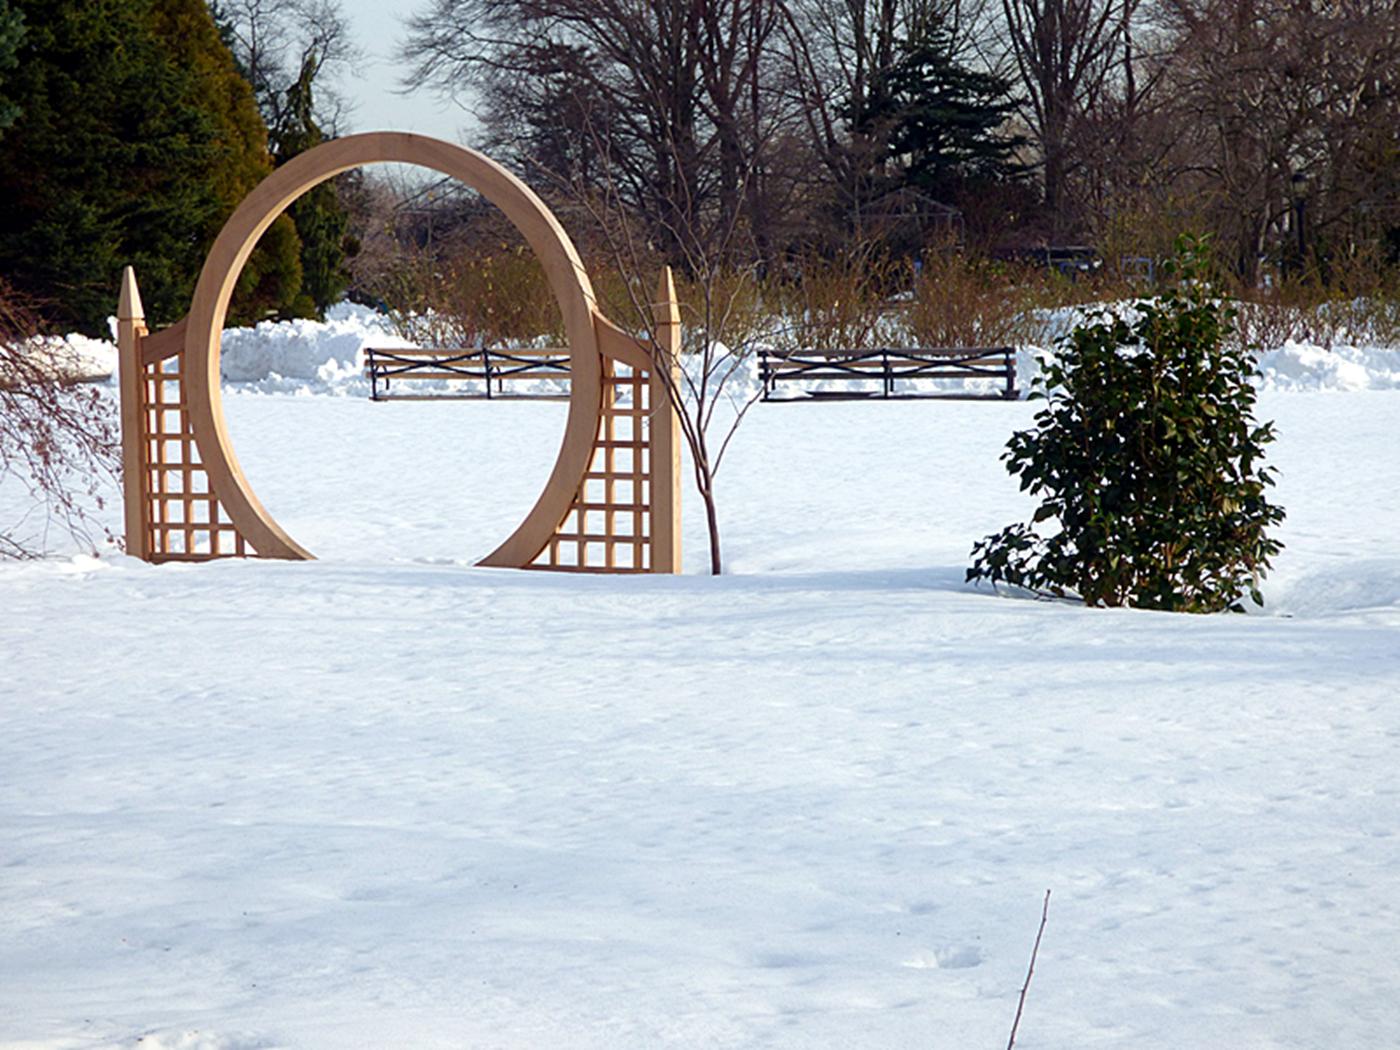 法拉盛植物园雪景_图1-10